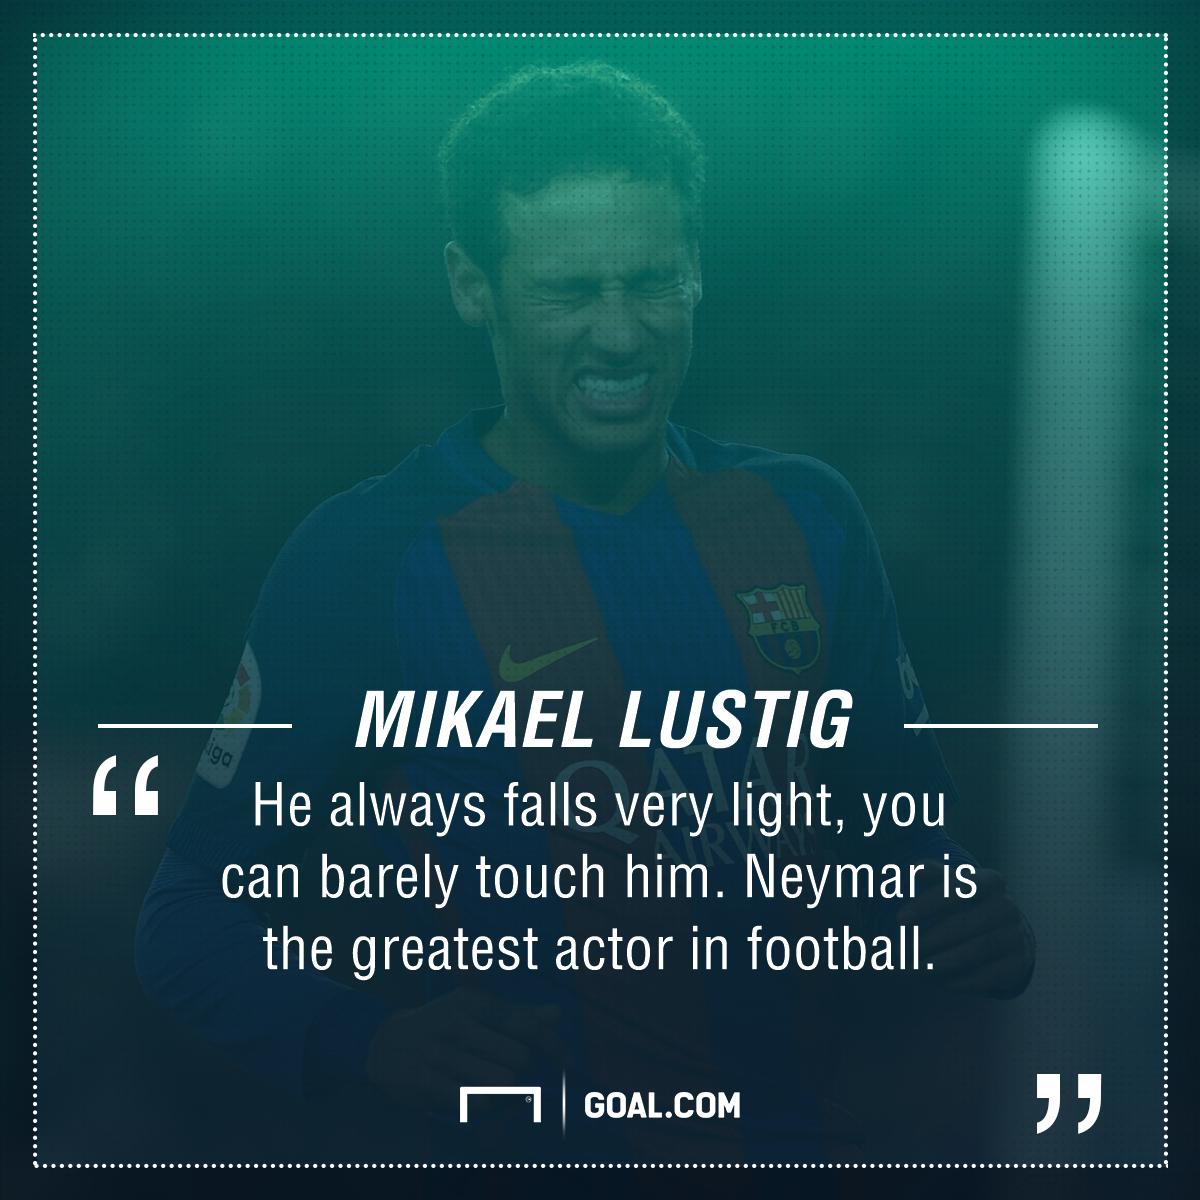 Neymar Mikael Lustig